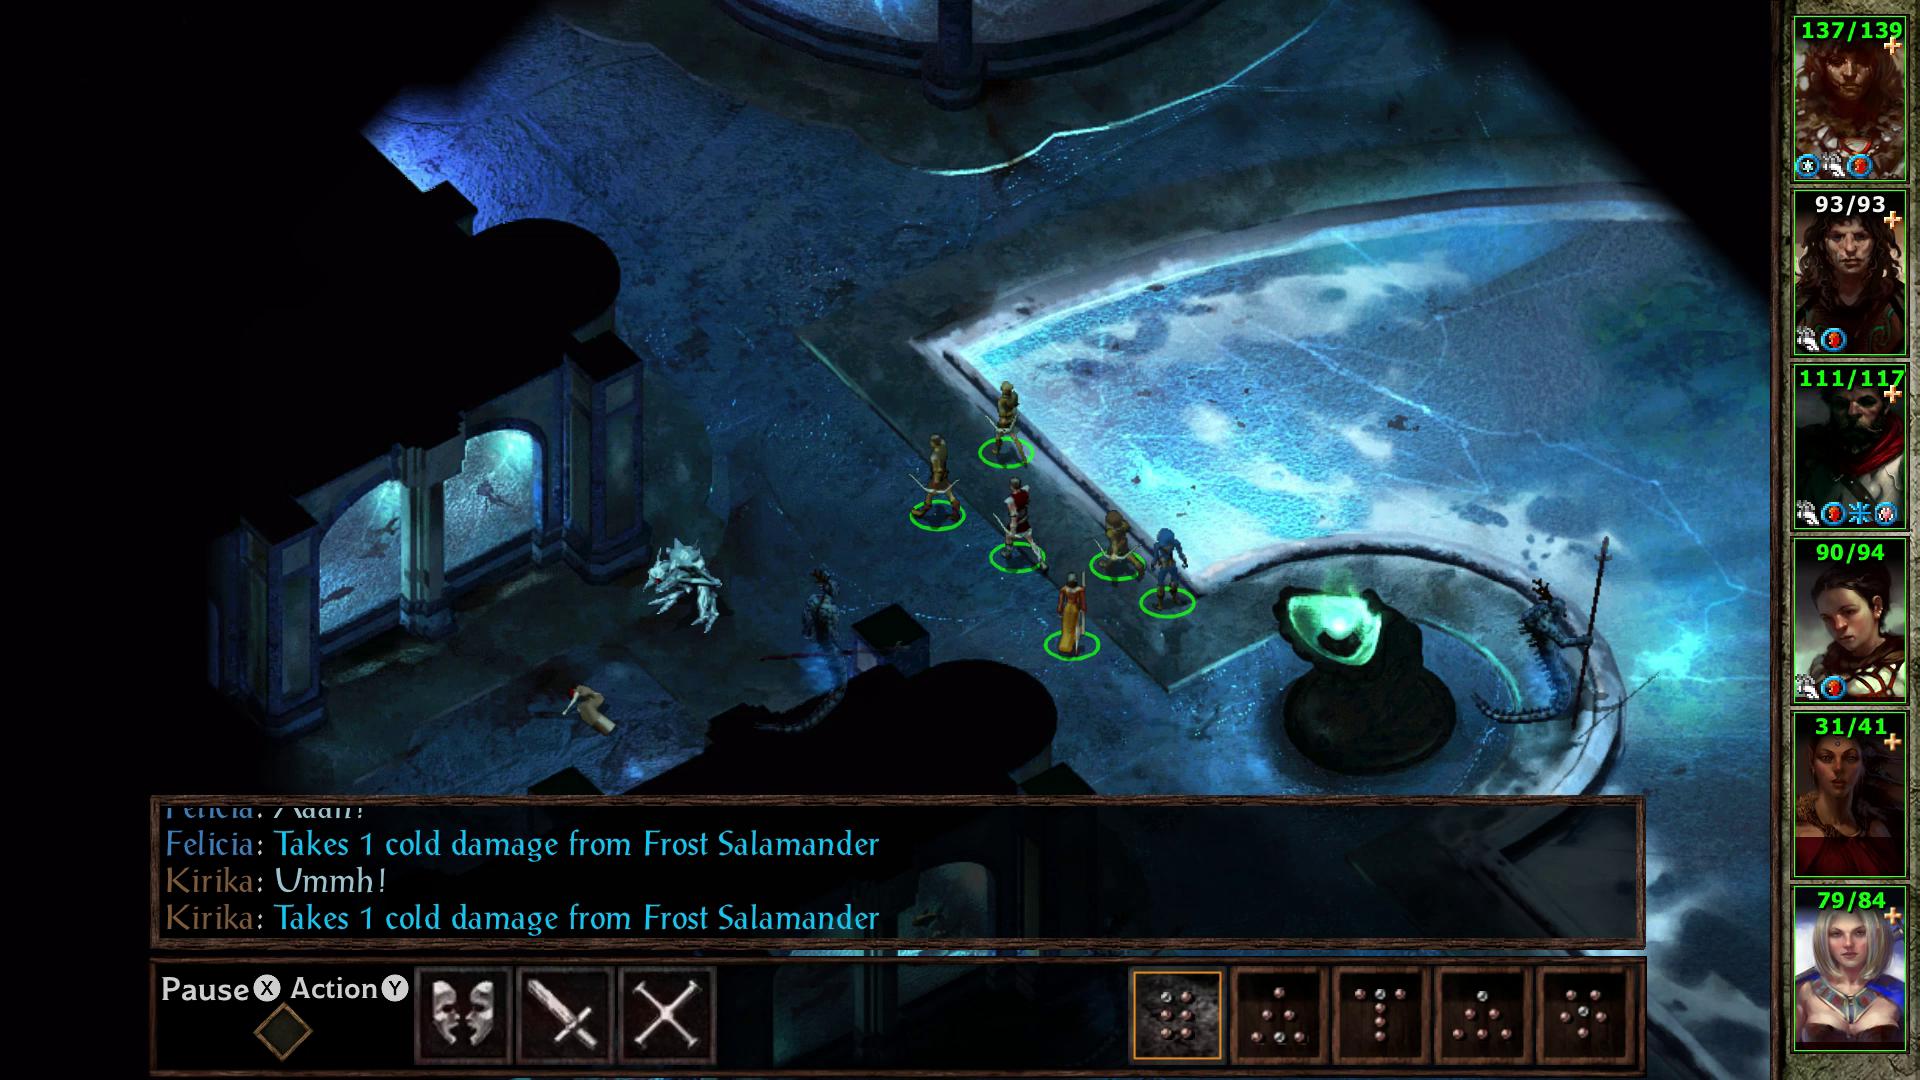 Icewind Dale vous fera visiter les contrées désolées du Nord des Royaumes Oubliés, où vous tenterez d'empêcher une invasion de forces venues des profondeurs infernales.